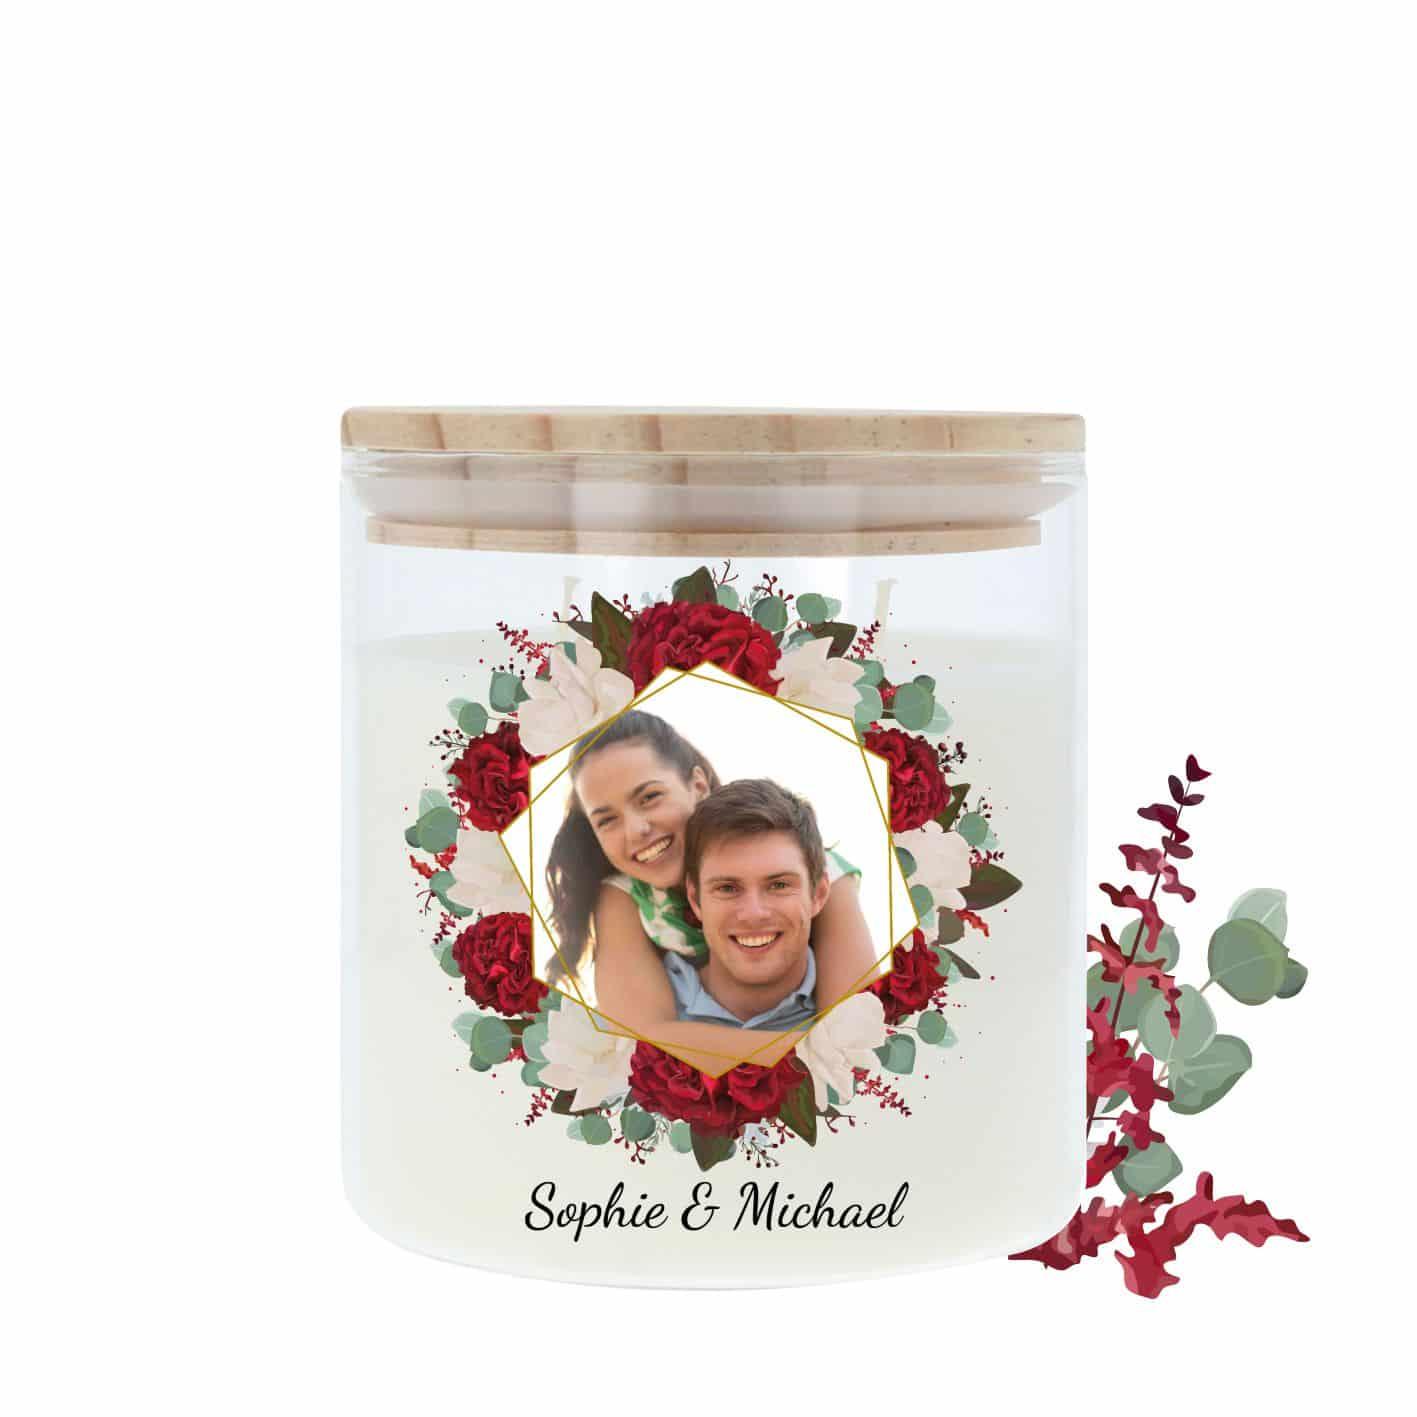 Hochzeitskerze im Glas mit Holzdeckel und einer Umrandung aus Rosen